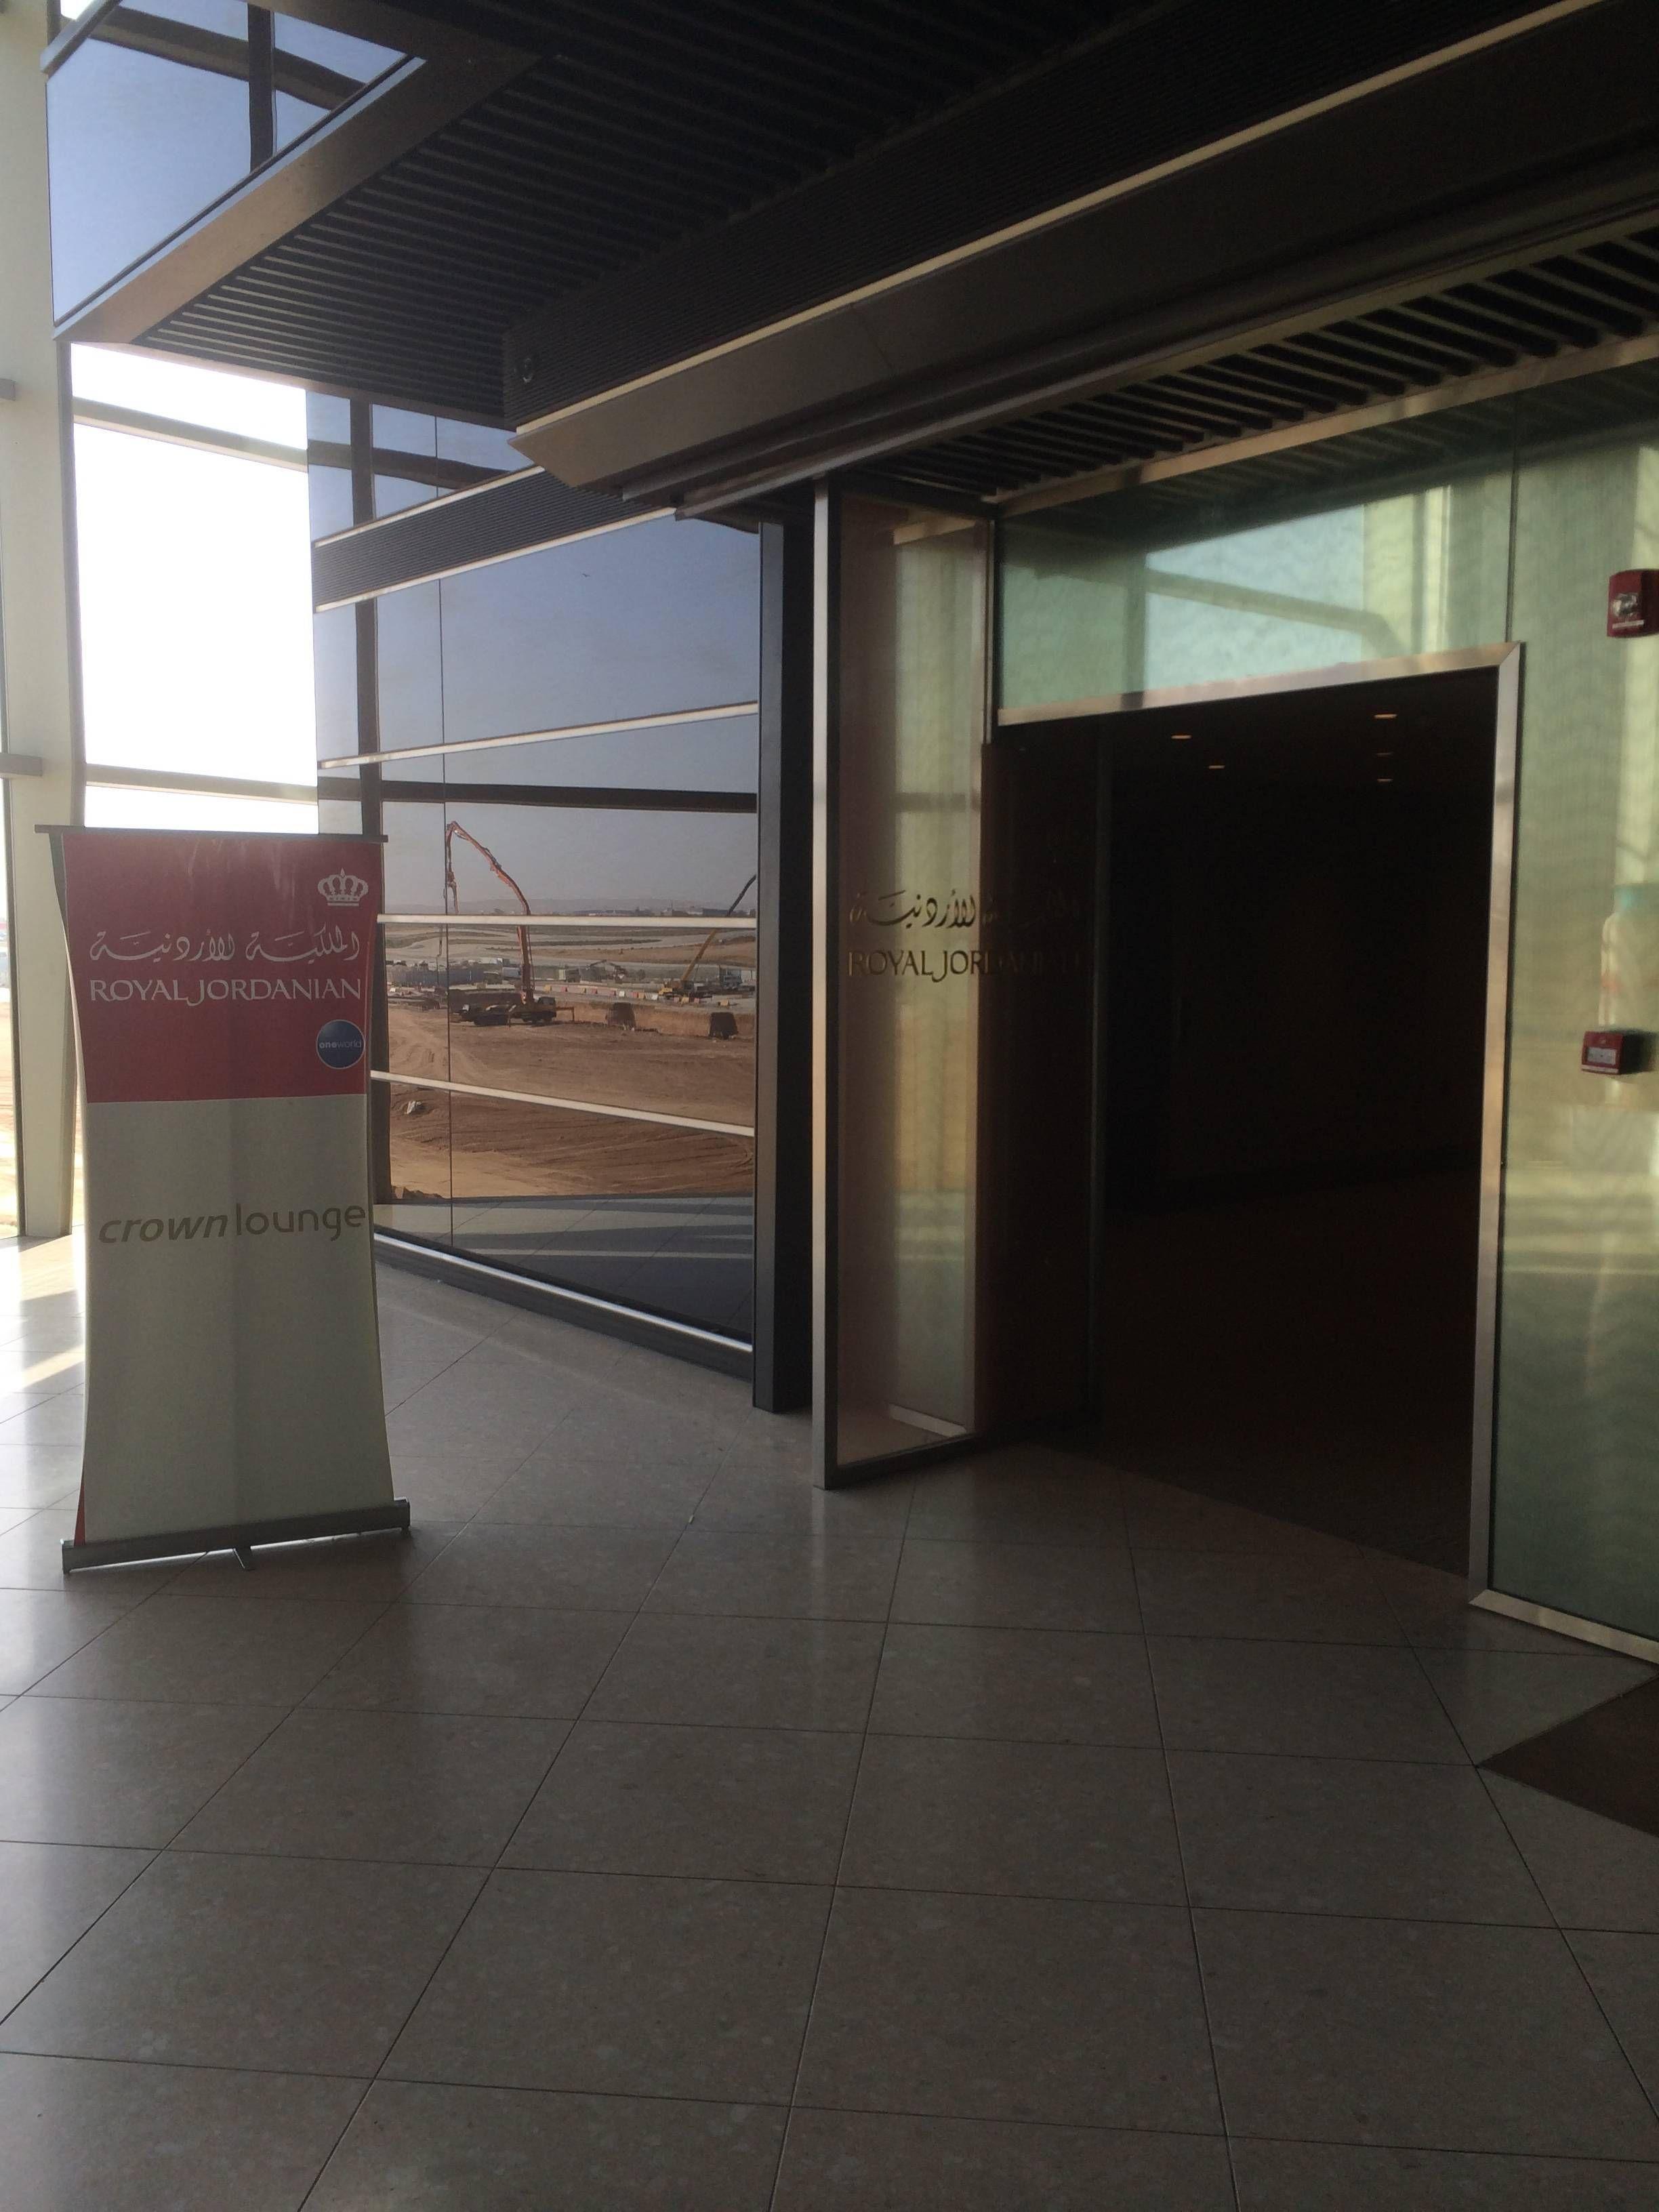 Royal Jordanian Crown Lounge